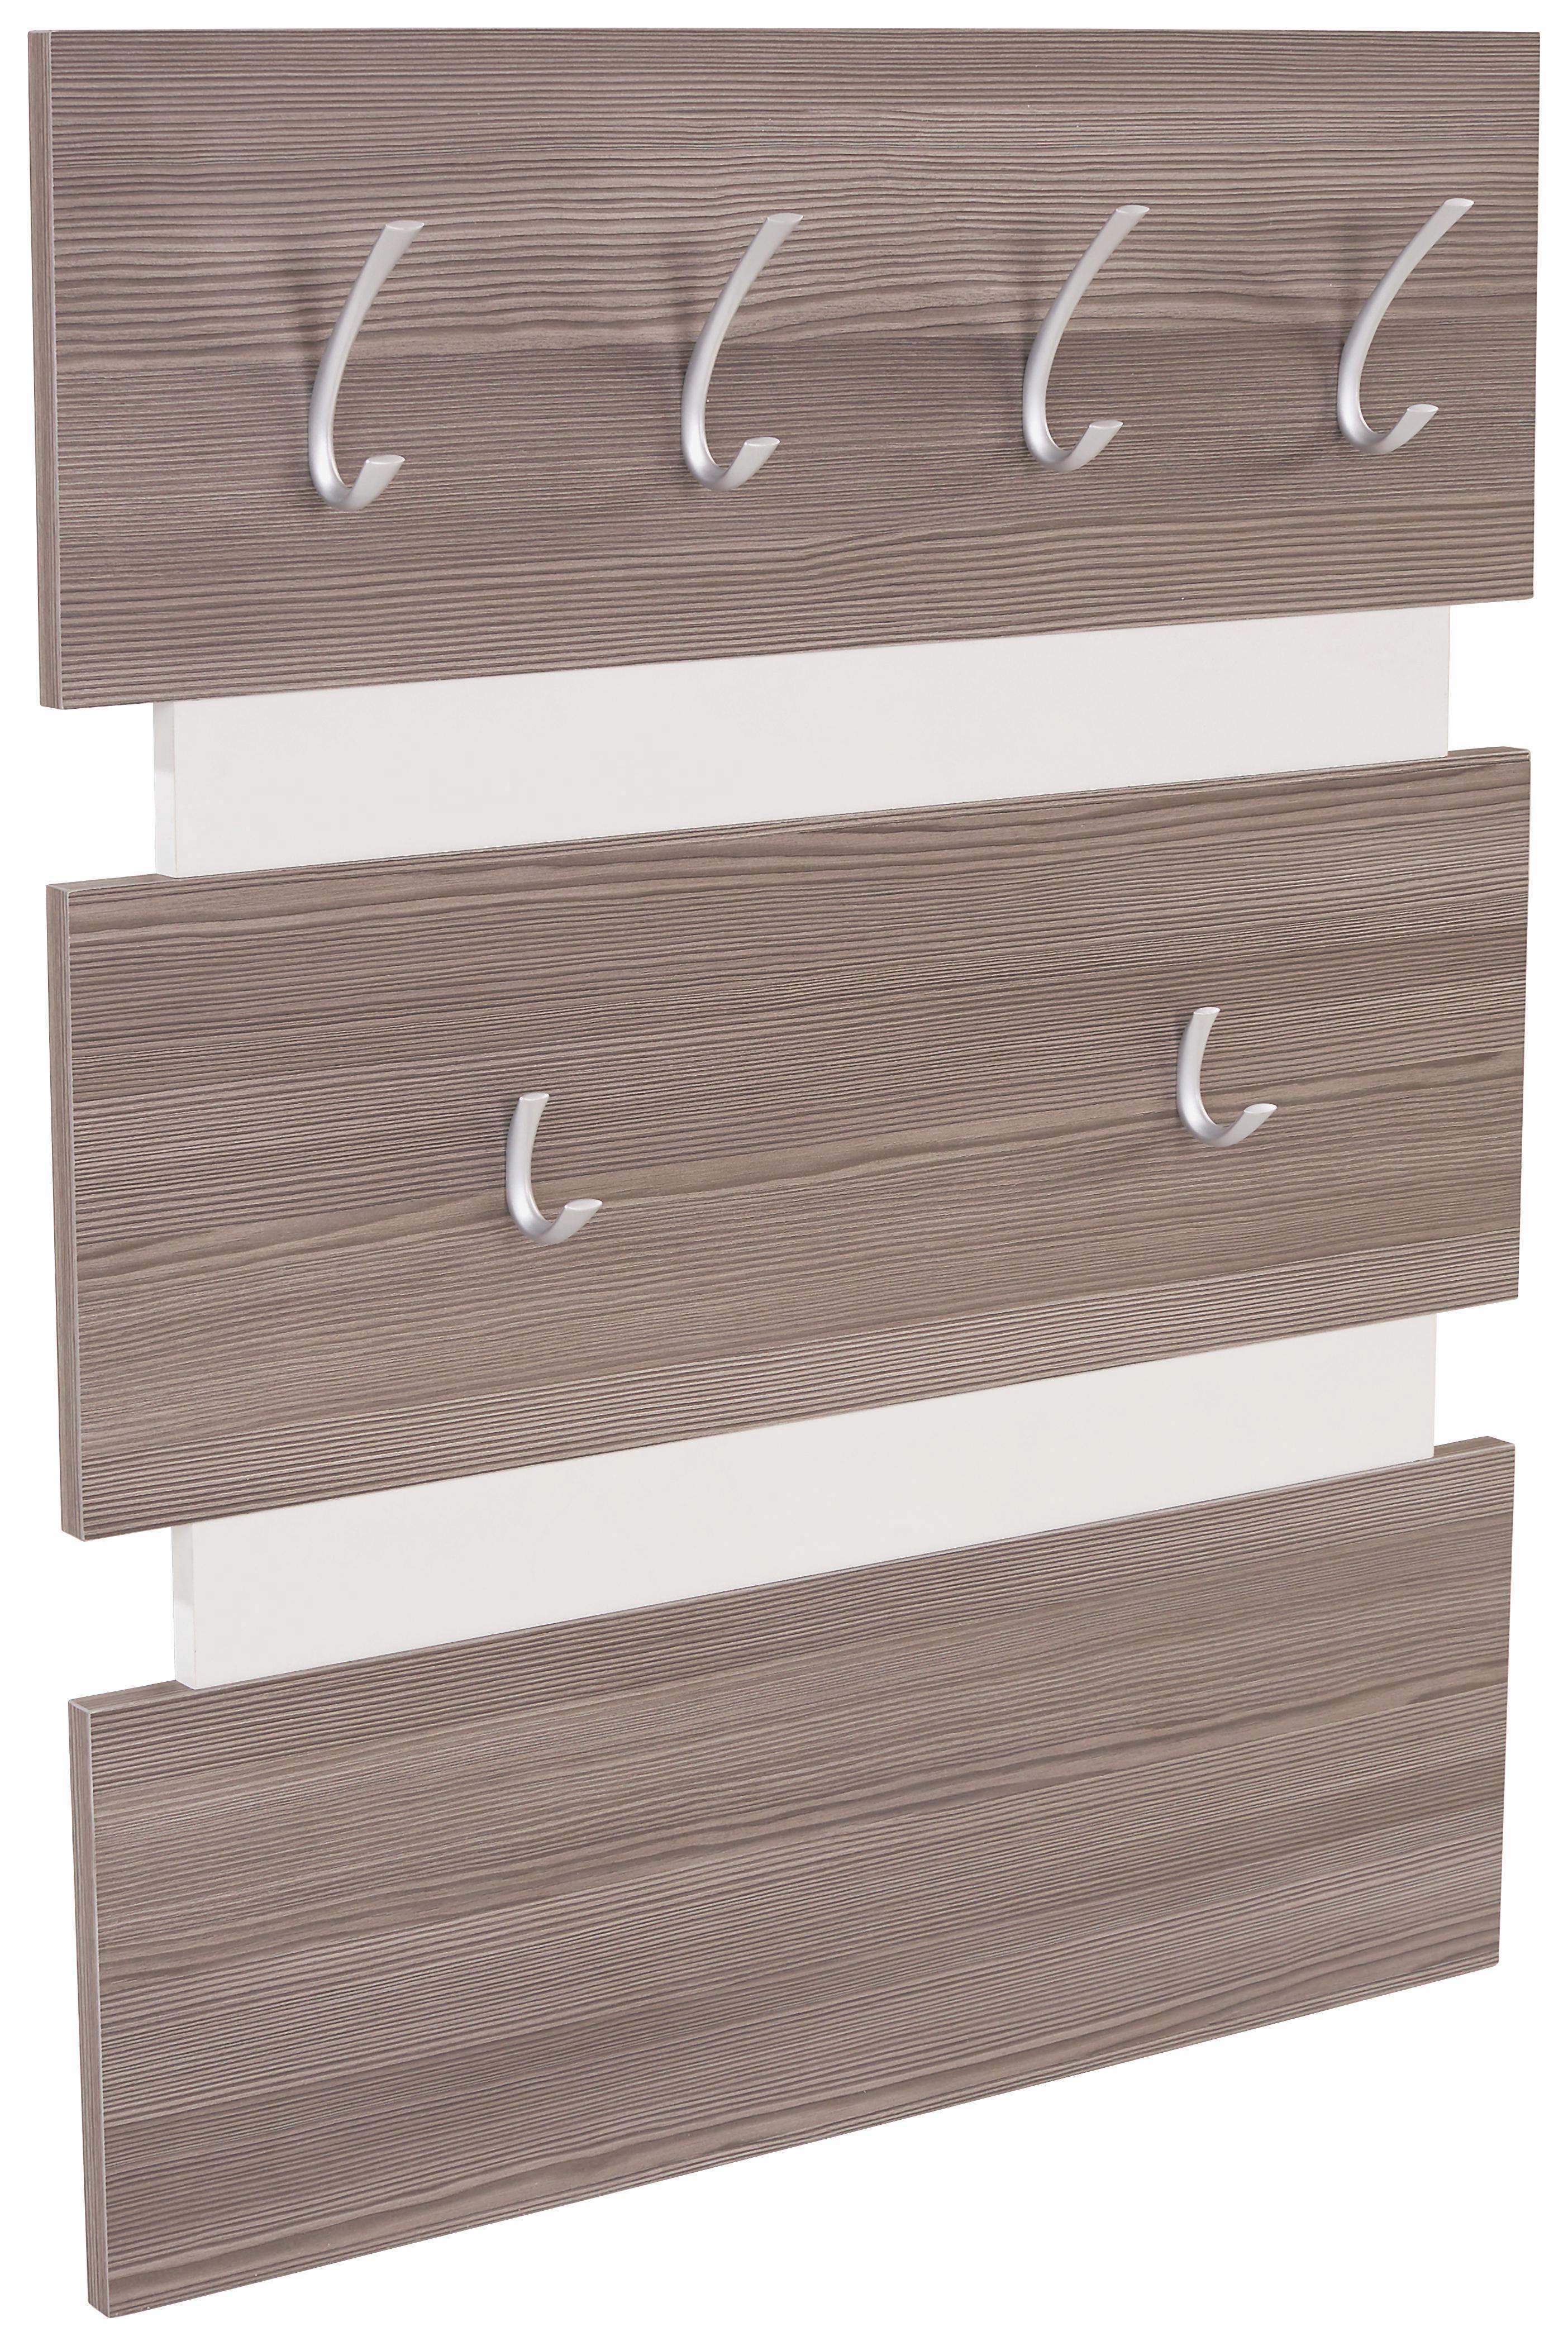 Előszoba Panel Moya - sötétbarna/fehér, modern, műanyag/faanyagok (70/99/2cm)